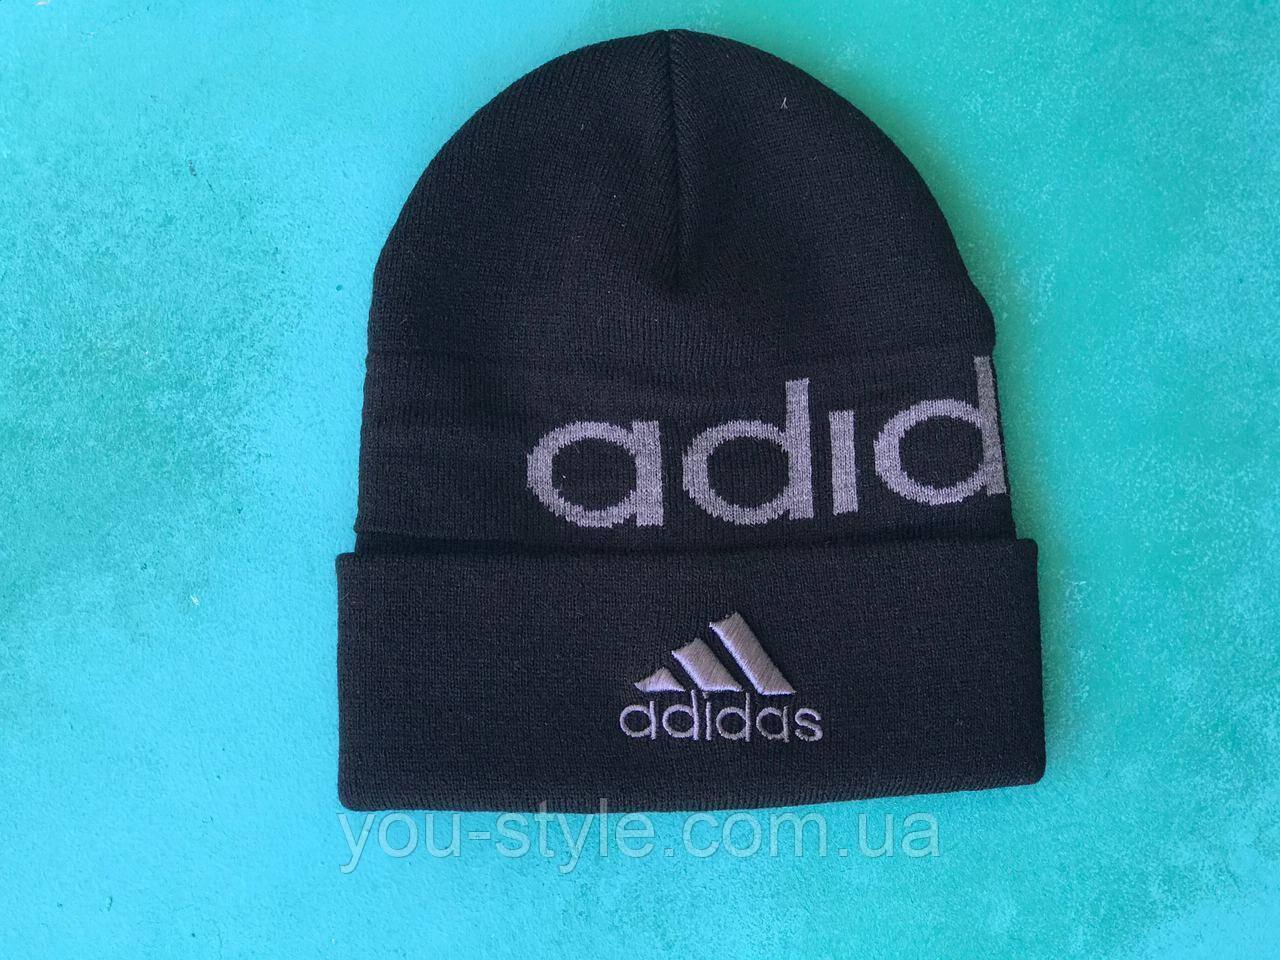 Шапка Adidas/ шапка адидас/ шапка женская/шапка мужская/ черный